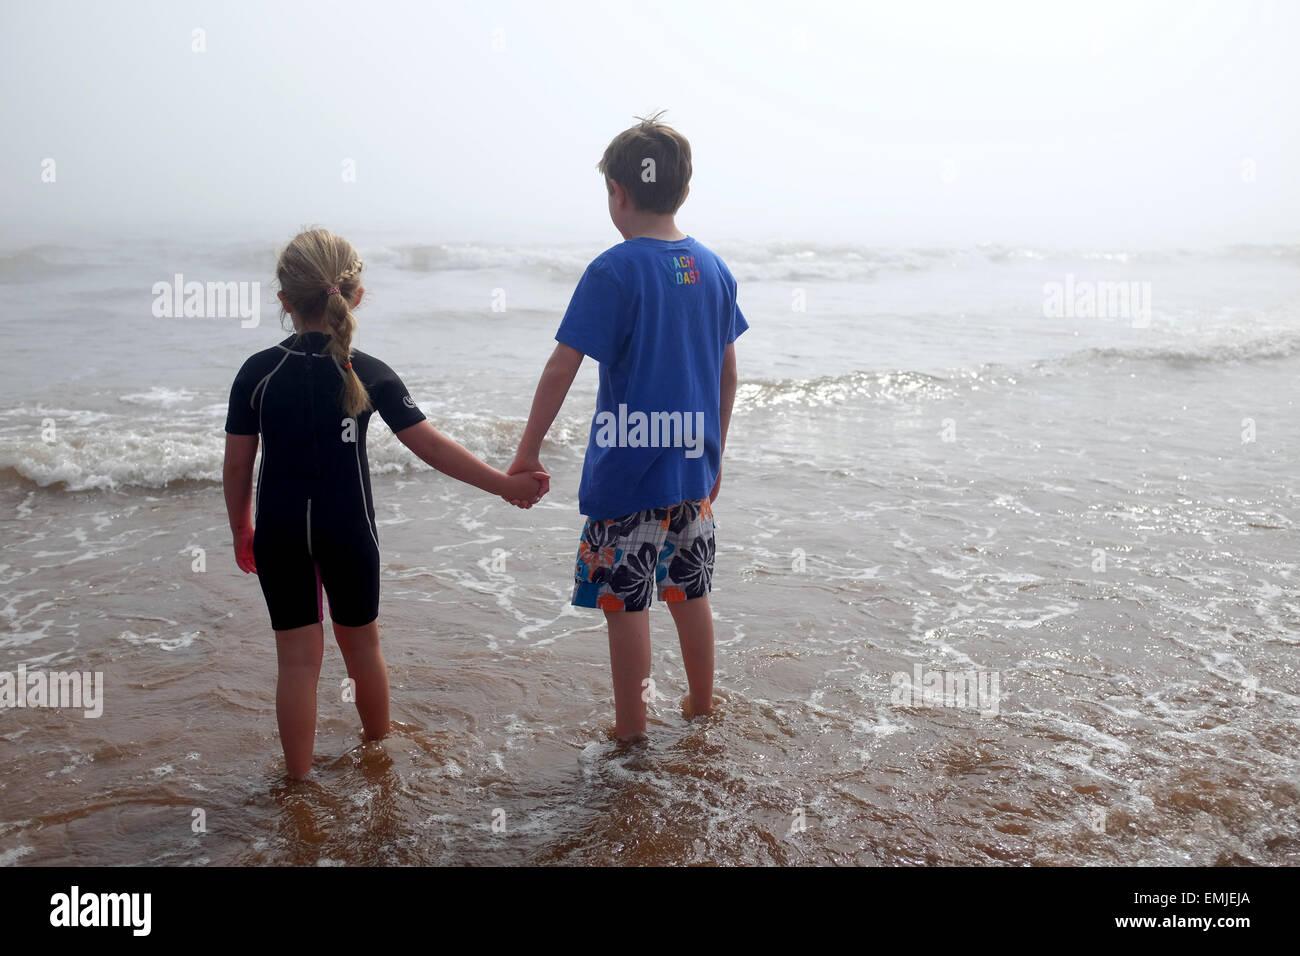 Ein kleiner Junge und ein Mädchen Hand in Hand Blick auf das Meer an einem nebligen Tag Stockbild